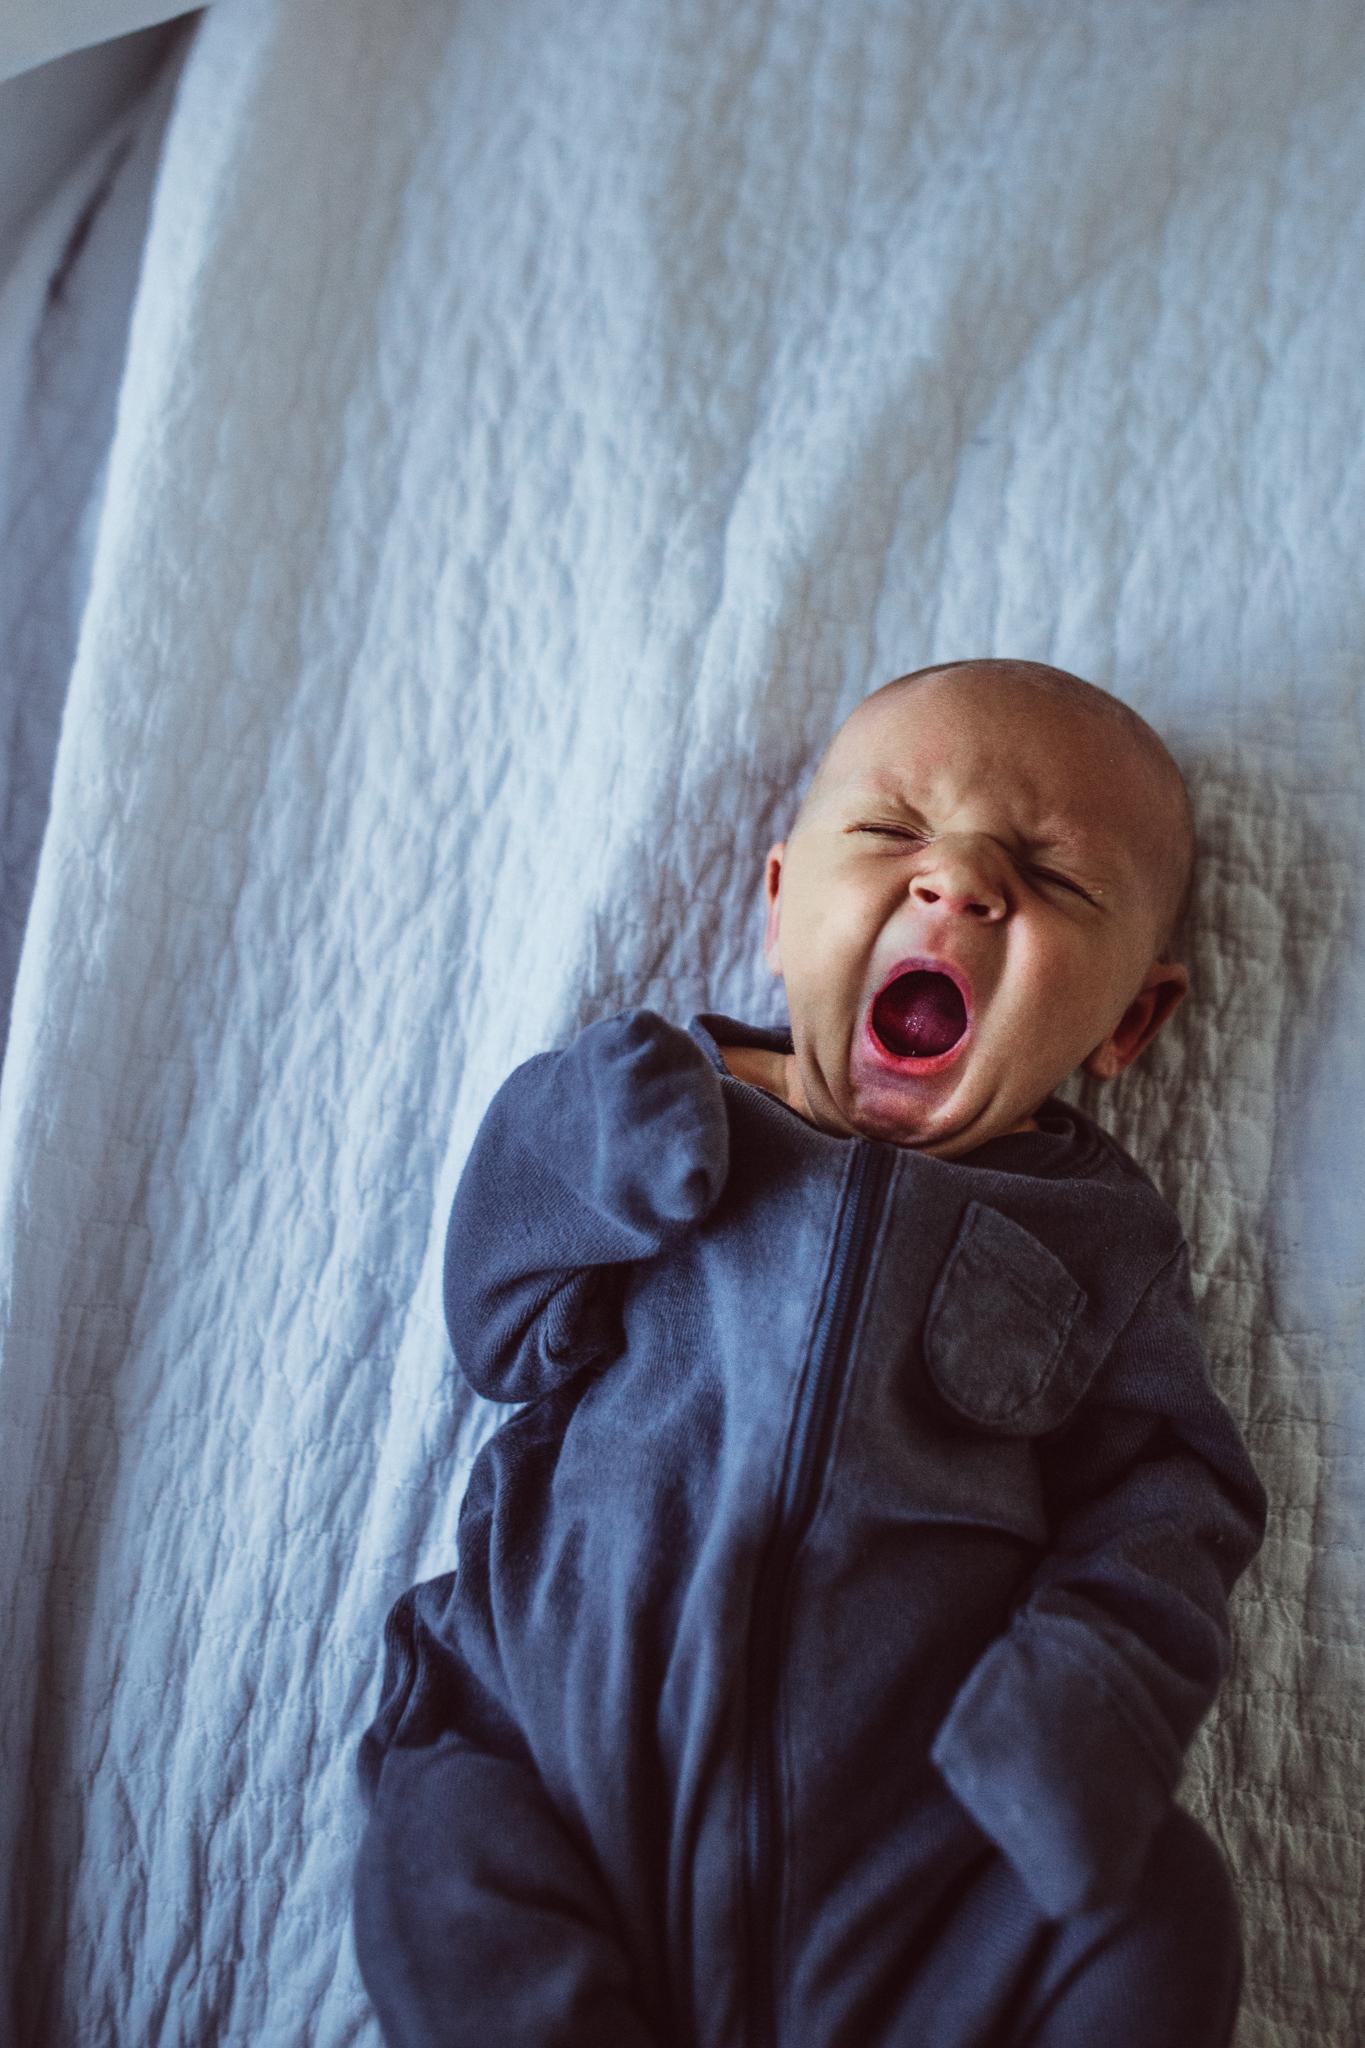 yawning-newborn-maggie-williams-photo